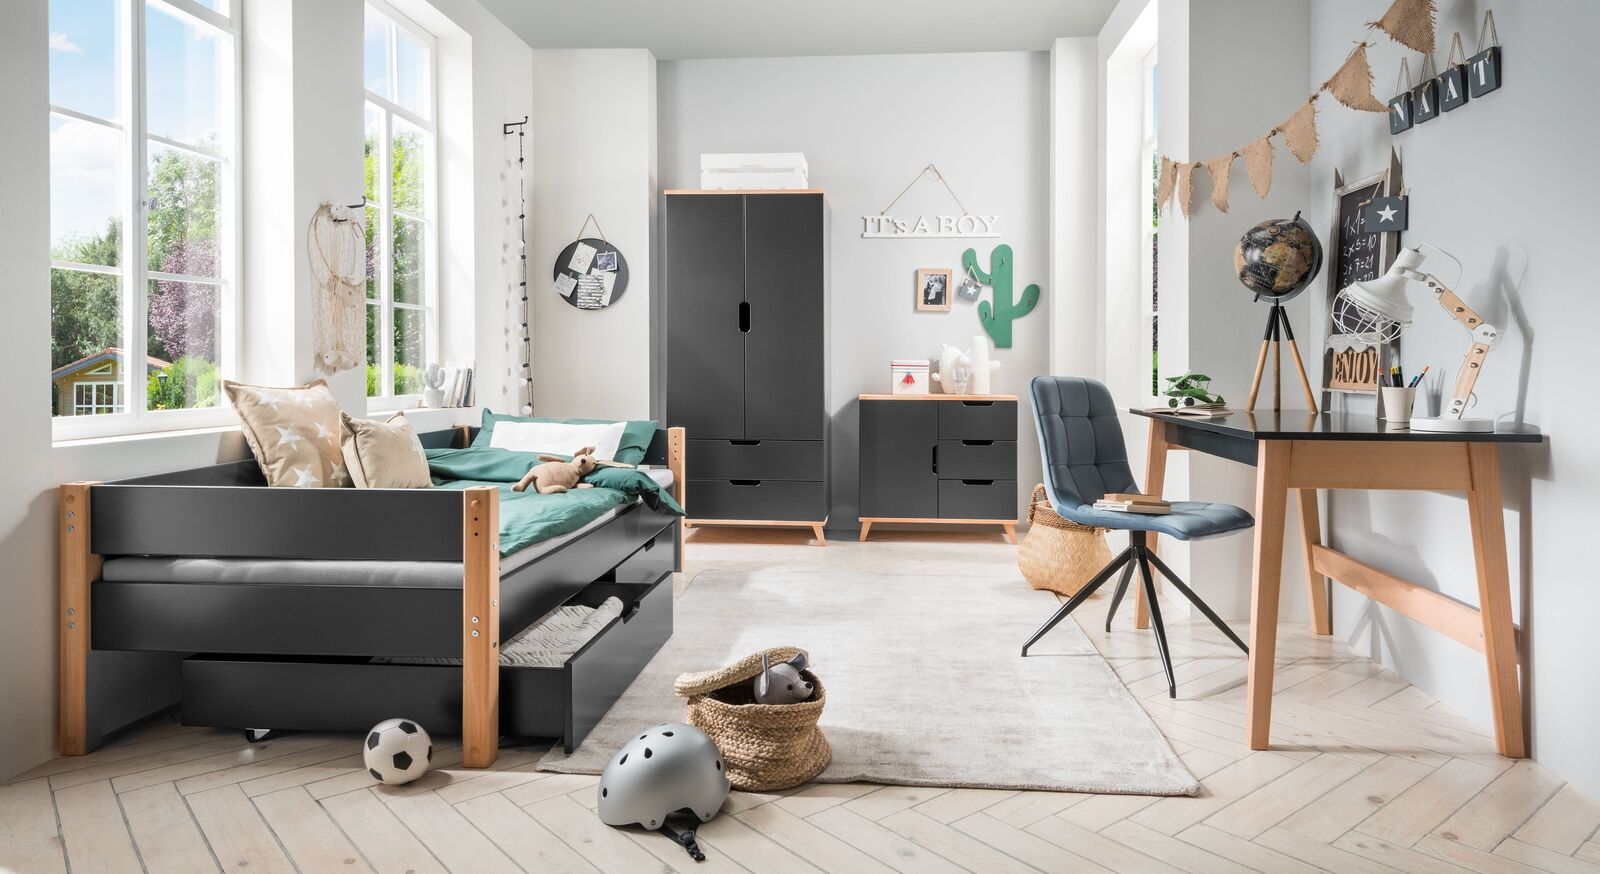 Modernes Schubkastenbett Kids Nordic mit passenden Beimöbeln